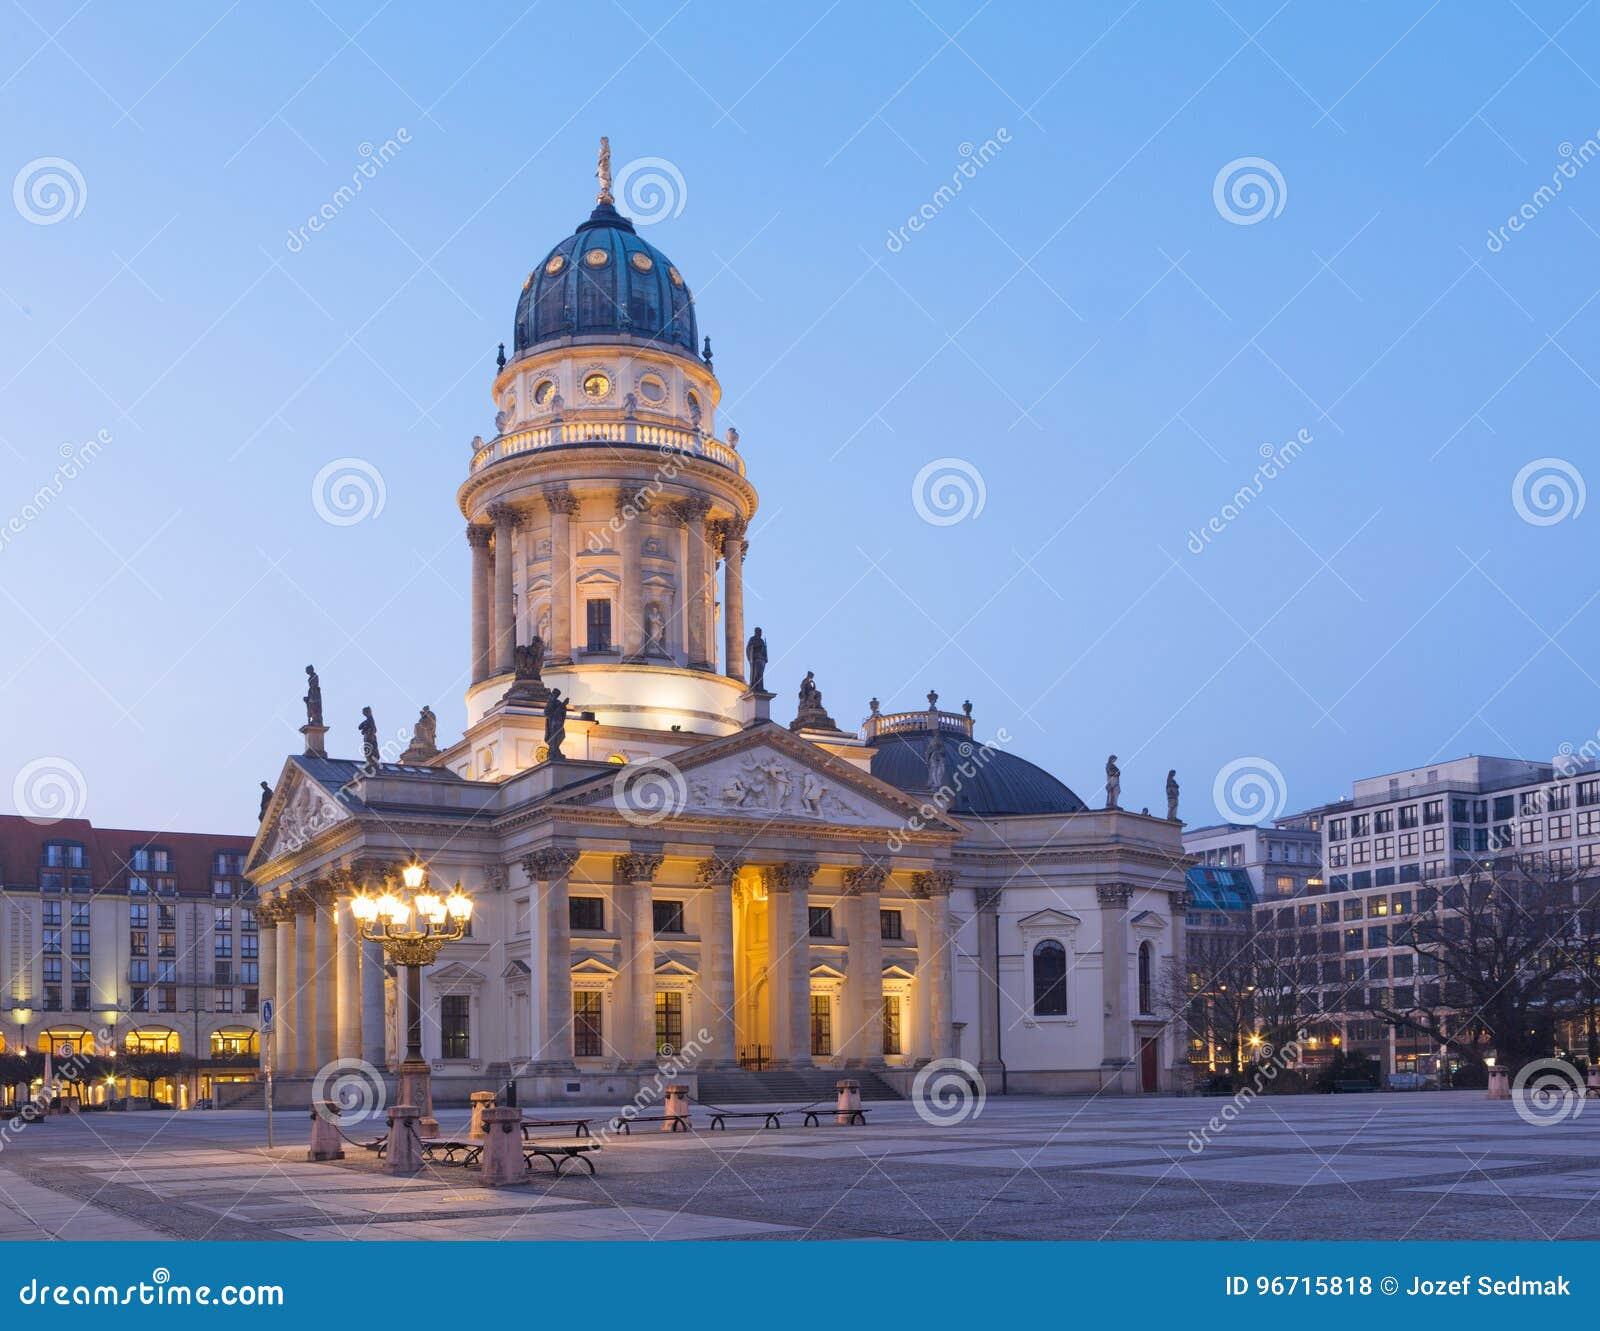 Berlin - The church Deutscher Dom on the Gendarmenmarkt square